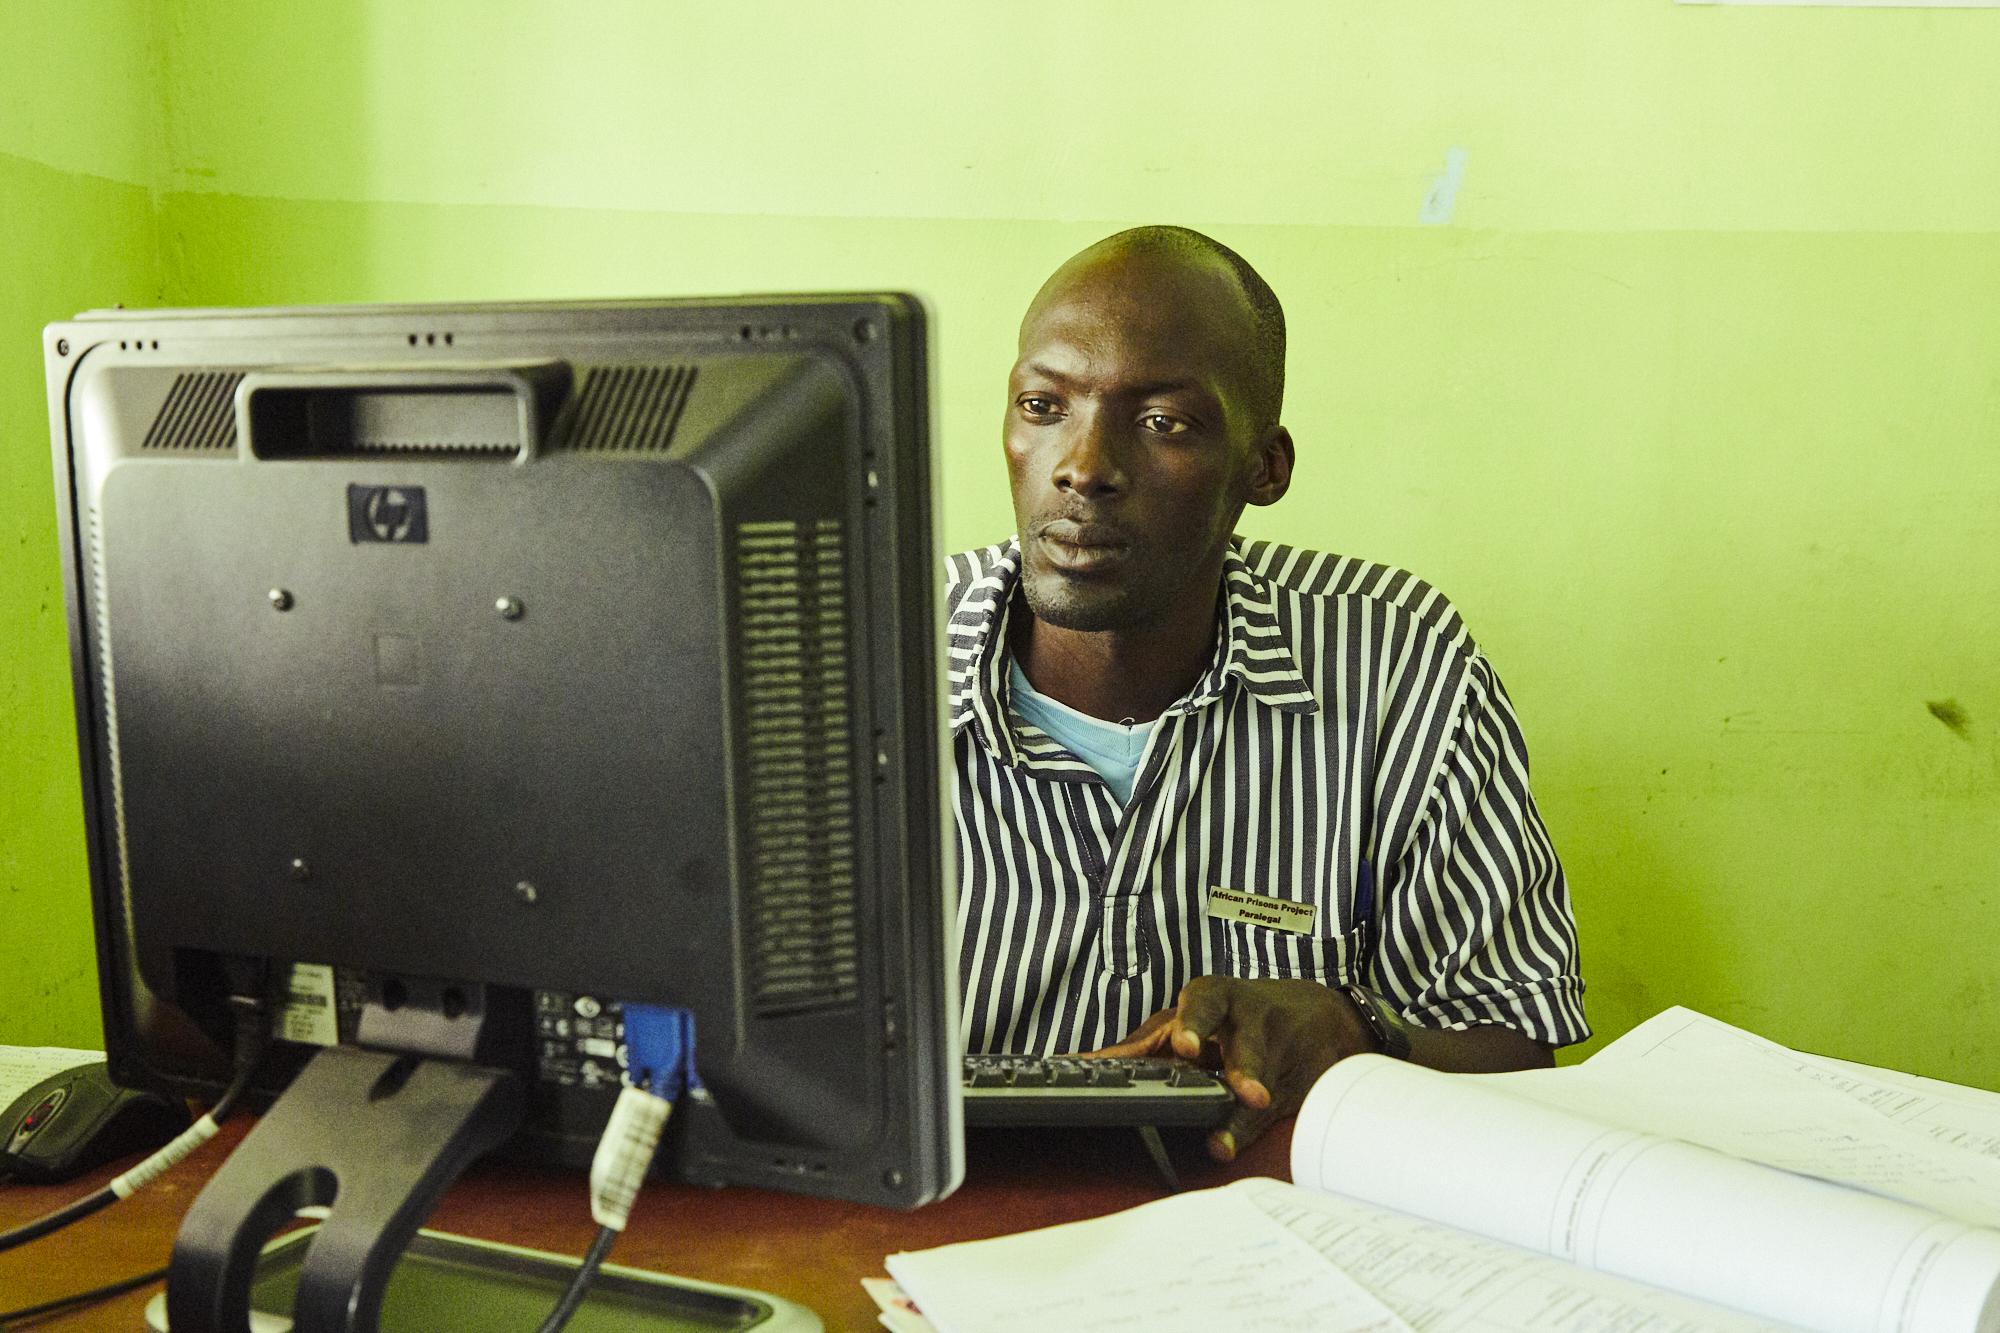 Justice Defenders Prisoner studying at desk